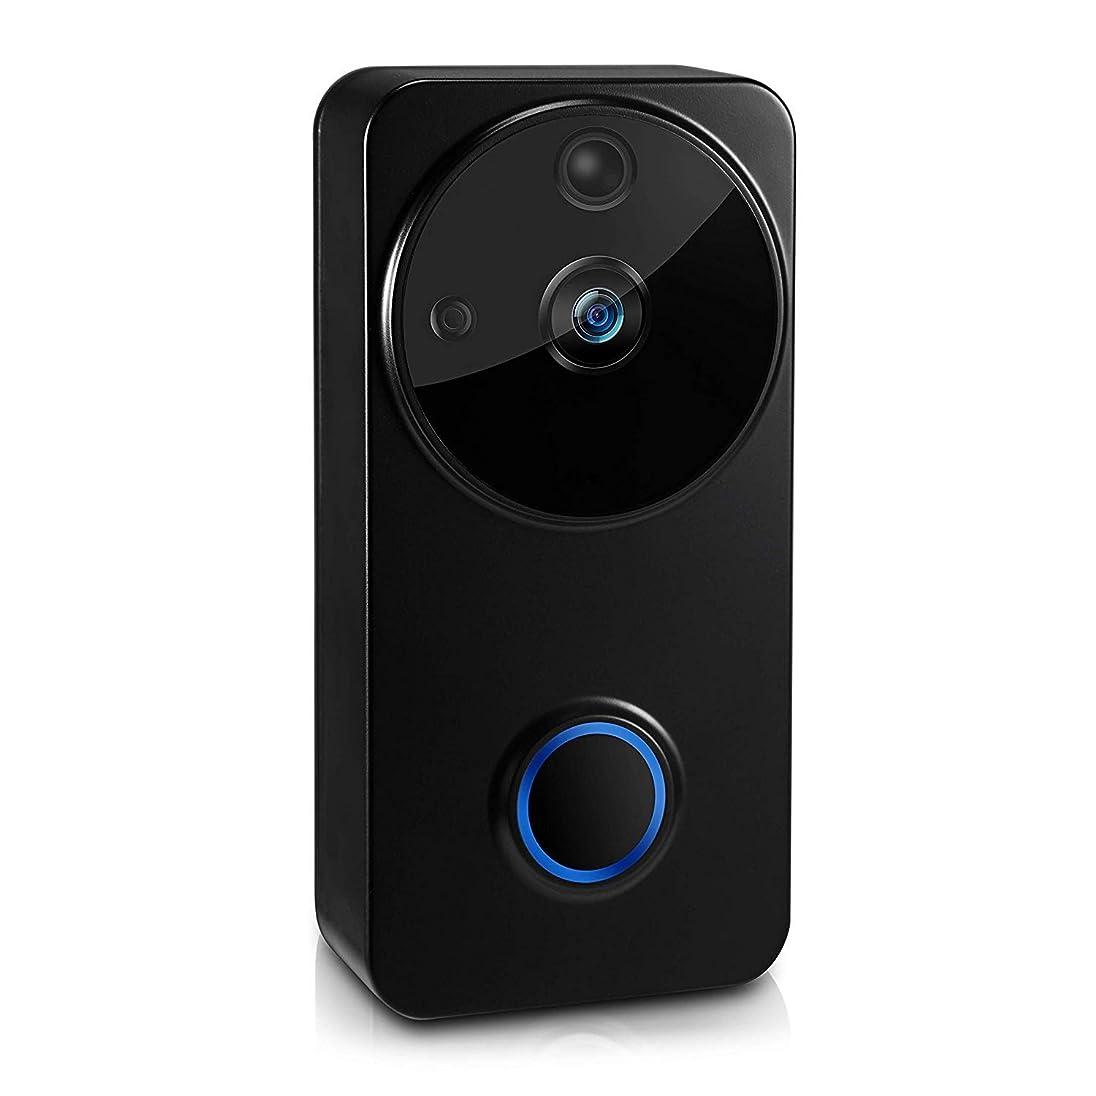 滑り台治療驚かす超小型カメラ ワイヤレスWiFiビデオドアベルスマートドアベル付属の屋内ベル2個電池32GB TFカードリモコンナイトビジョン2つの方法オーディオ防水